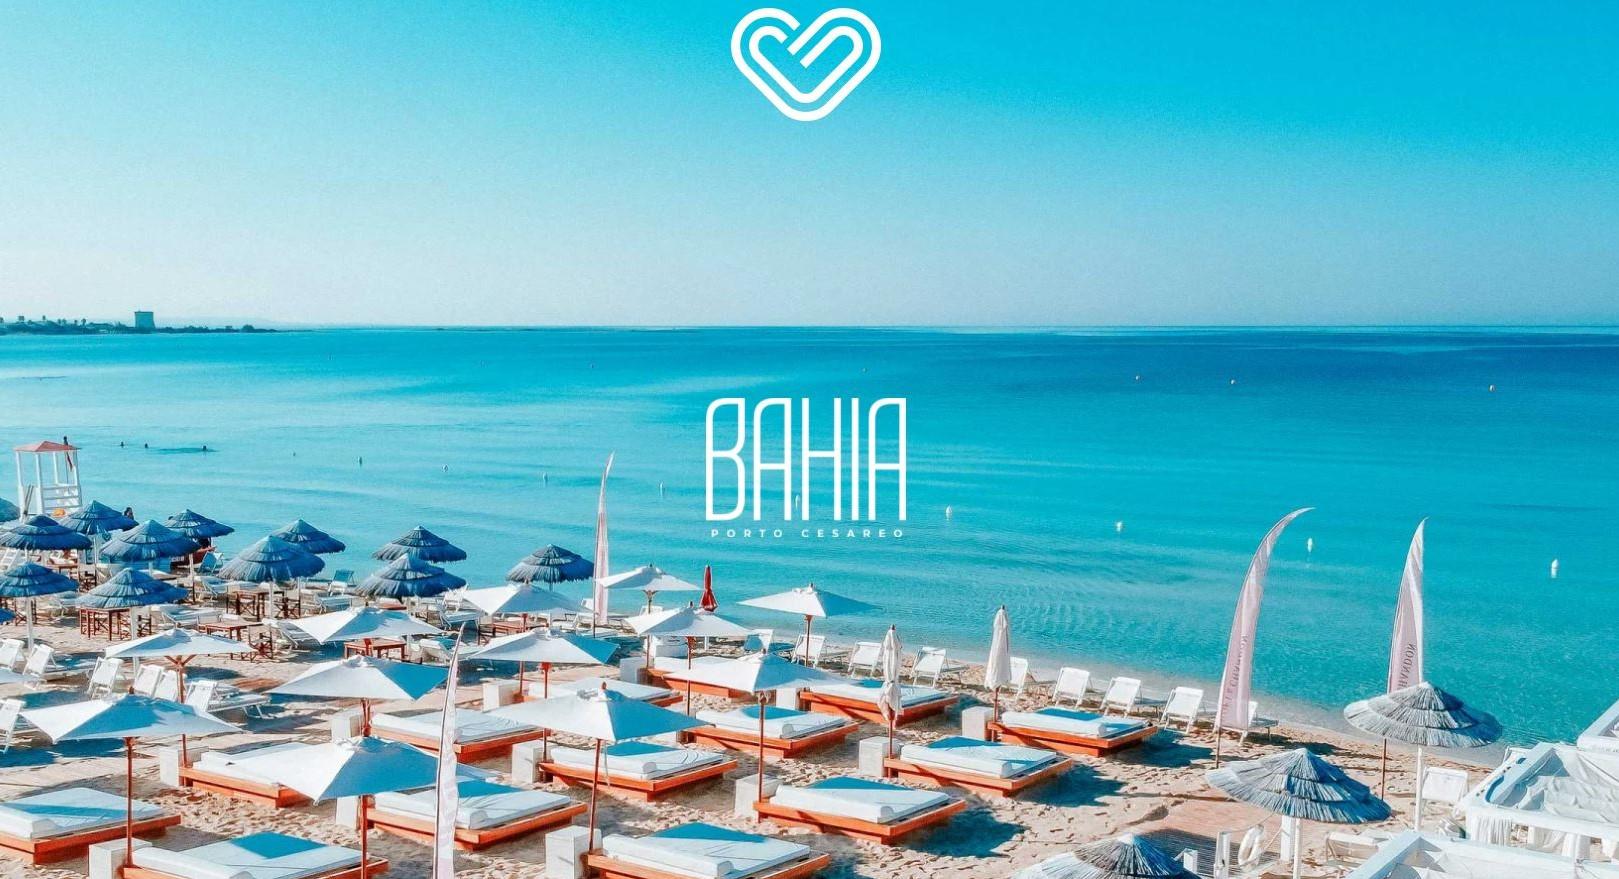 BAHIA 2021 - entro le h. 14.00